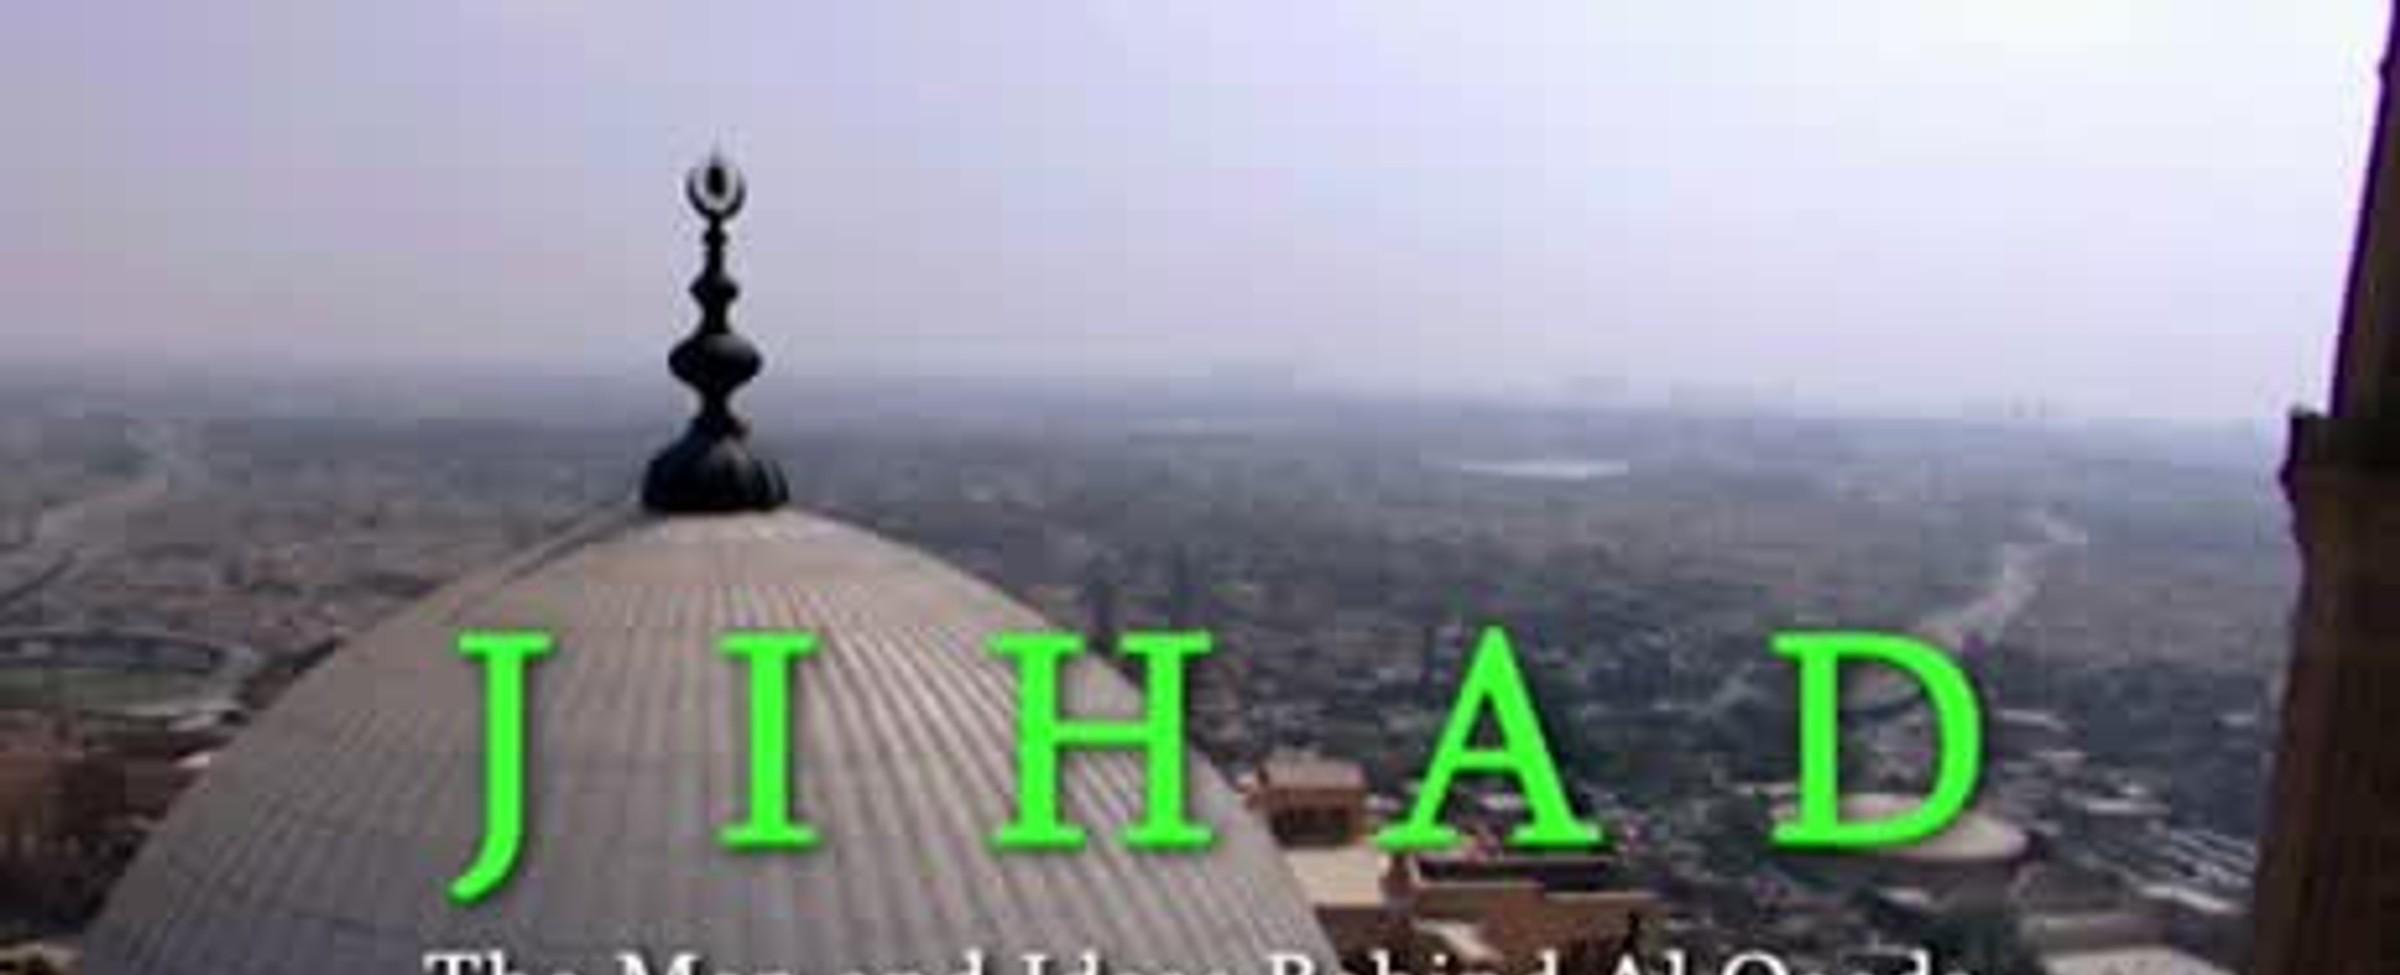 Džihád: Myšlenky stojící za Al-Kajdou